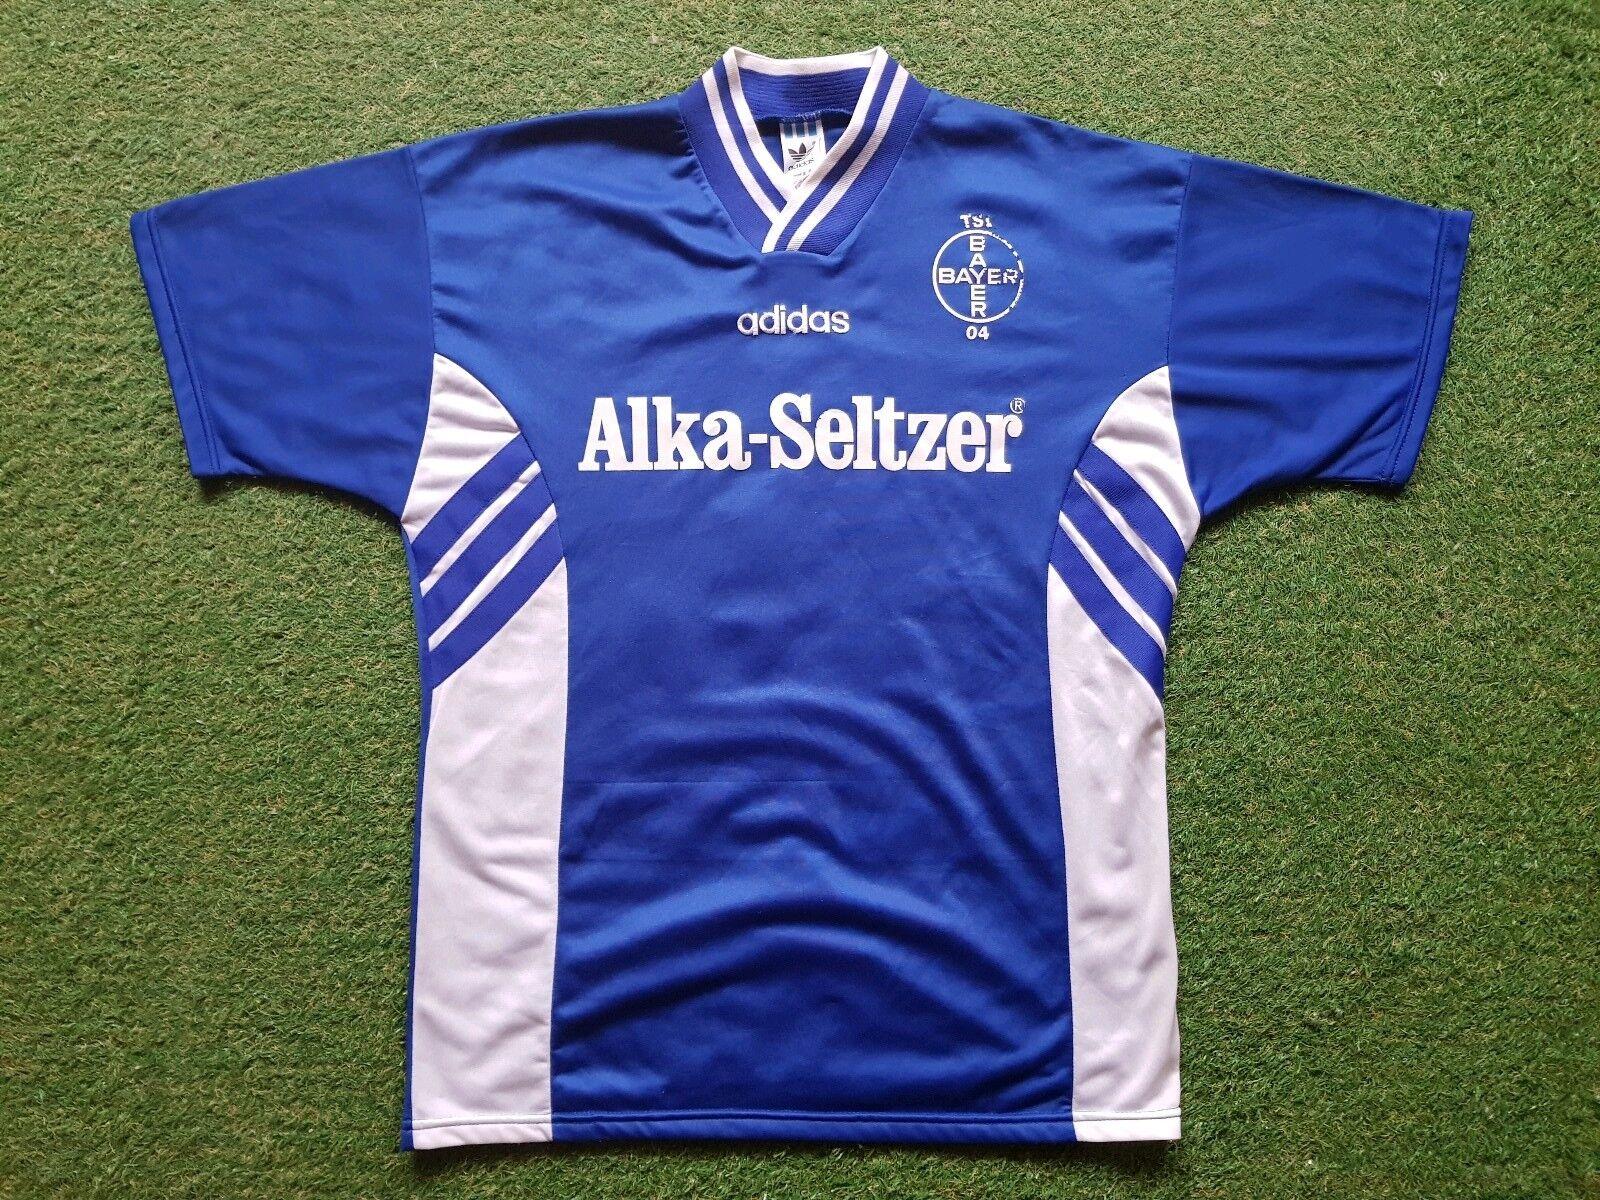 Bayer 04 Leverkusen Trikot L 1995 1996 1996 1996 Ausweich Adidas Shirt Alka Seltzer FACH dc6e0b